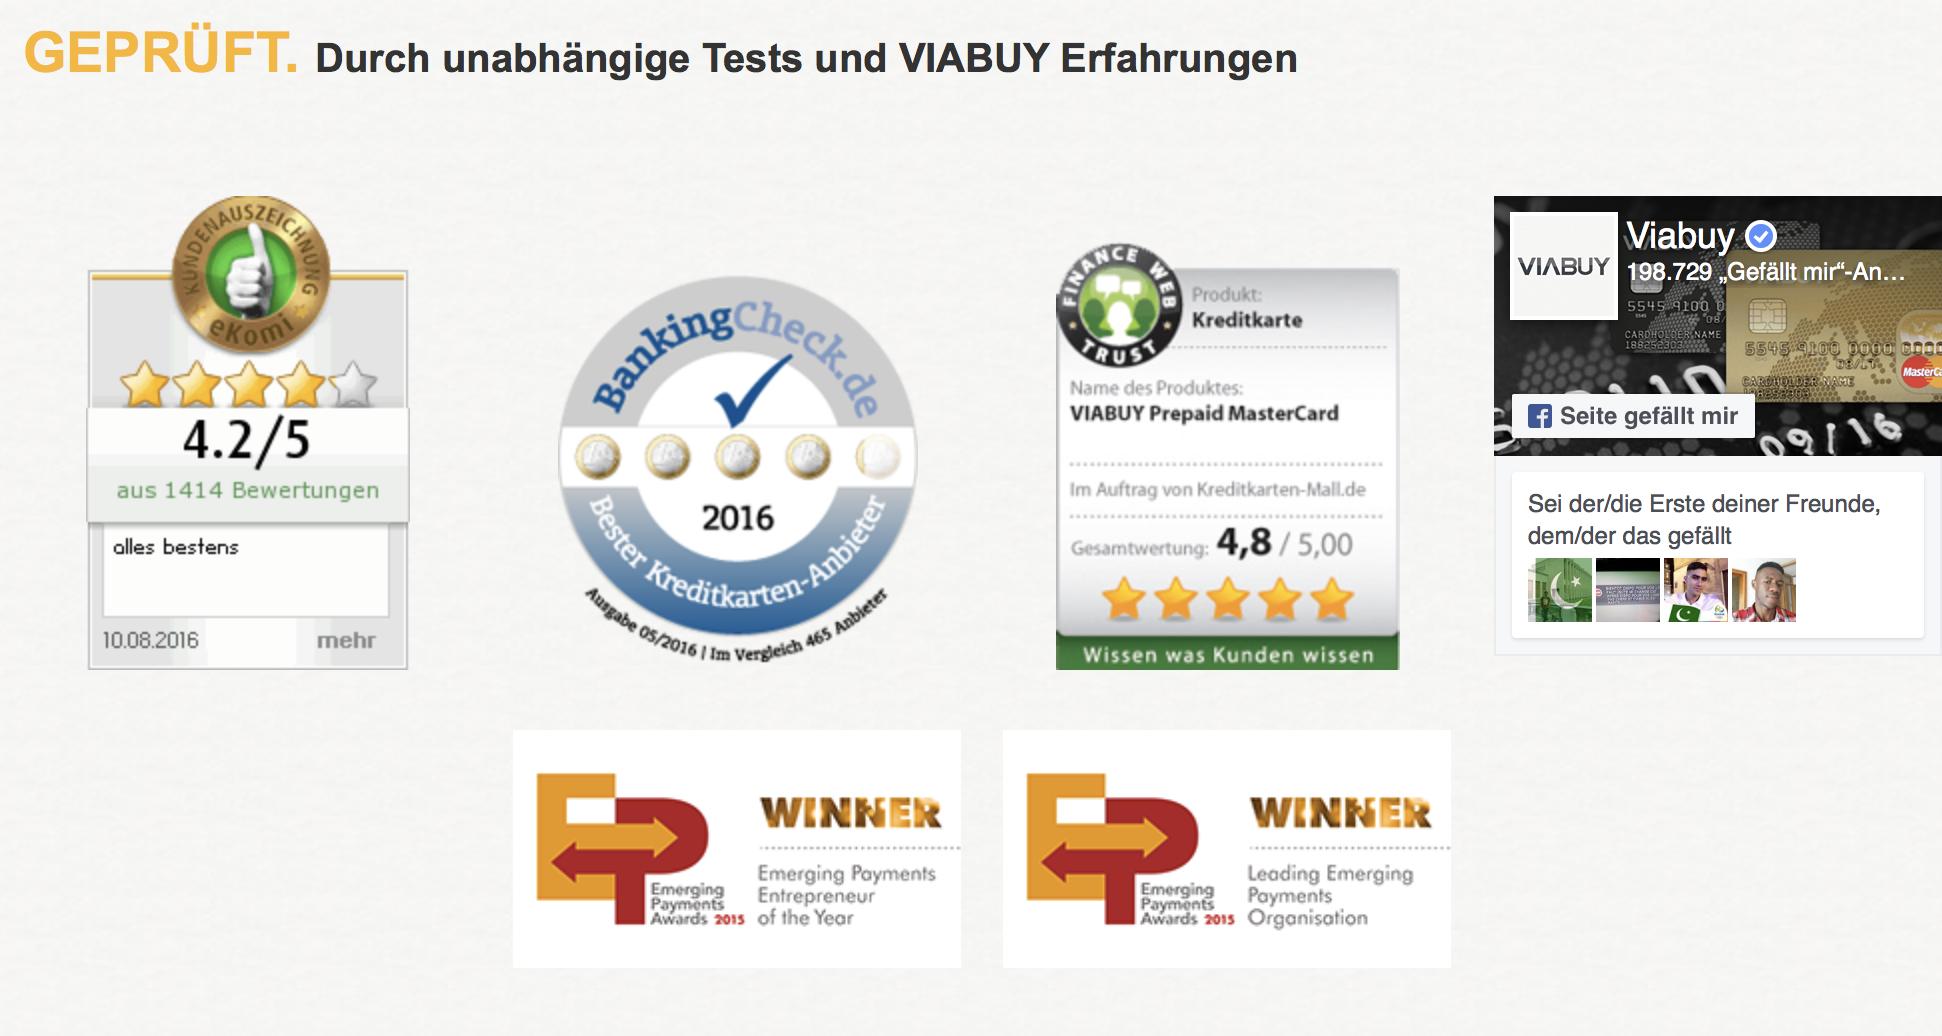 VIABUY: Positive Testergebnisse und Meinungen unterstreichen die Seriosität.